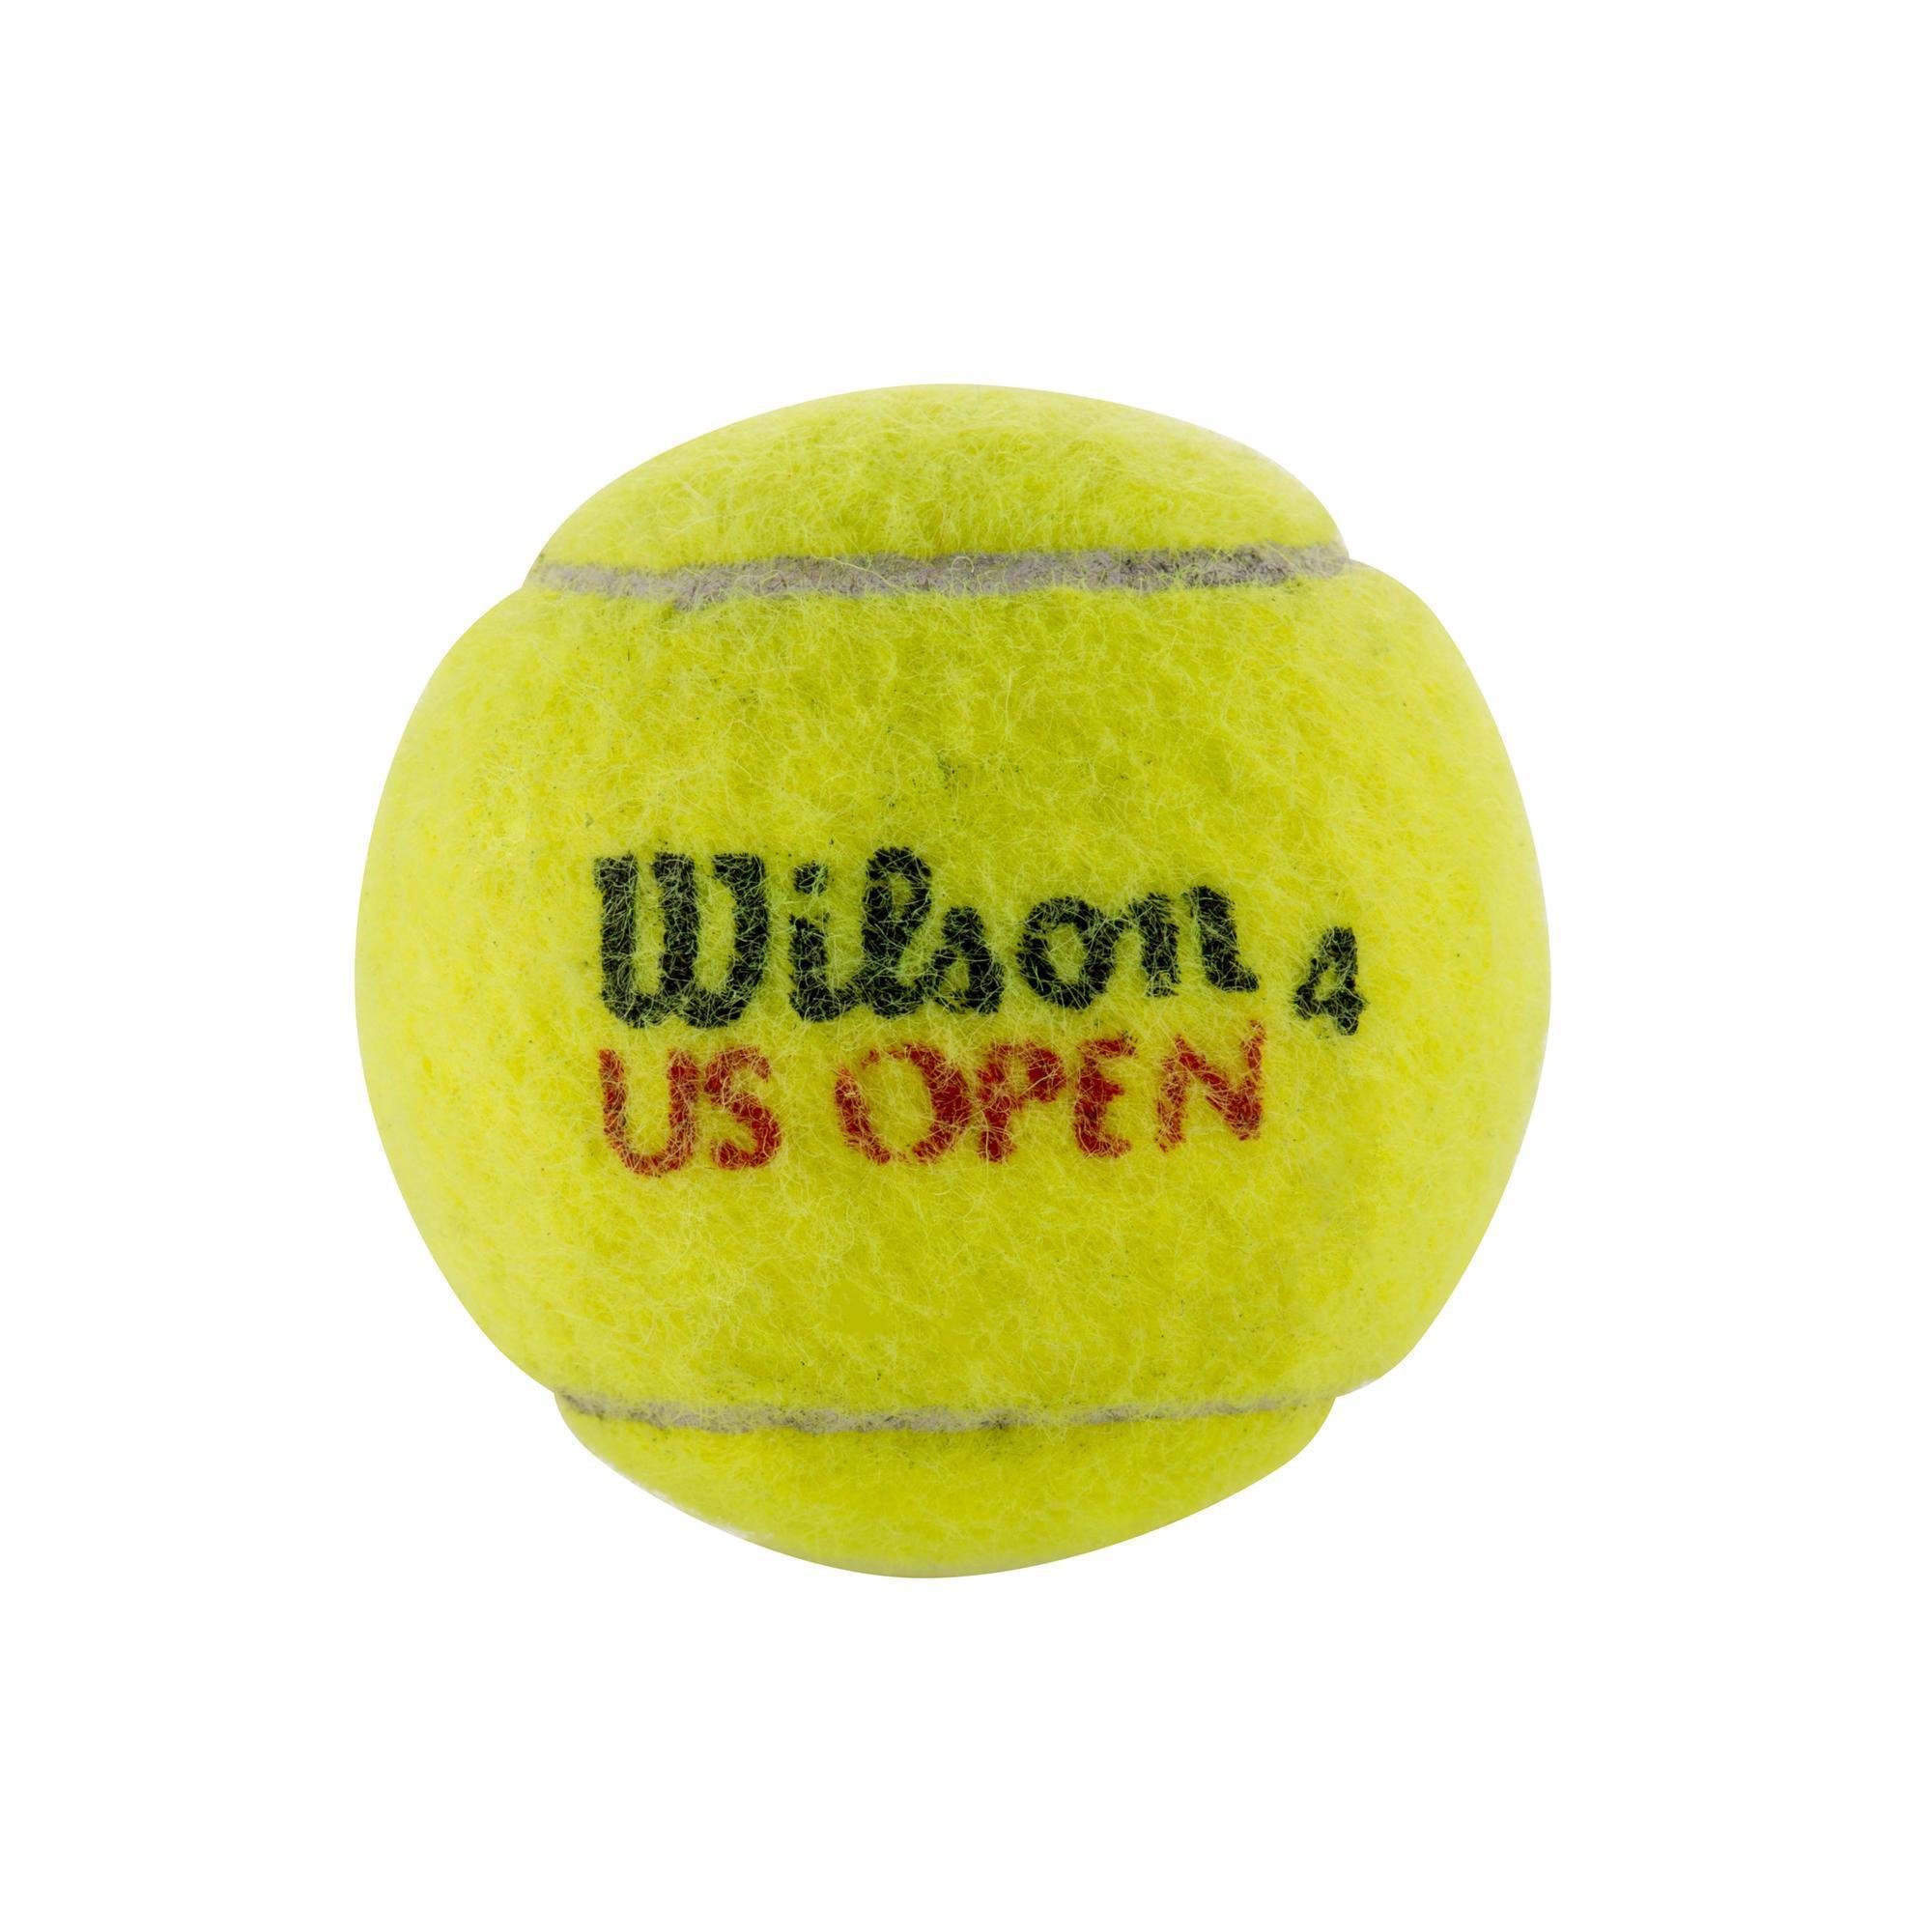 wilson tennisballen us open geel 4 stuks decathlontennisballen us open geel 4 stuks